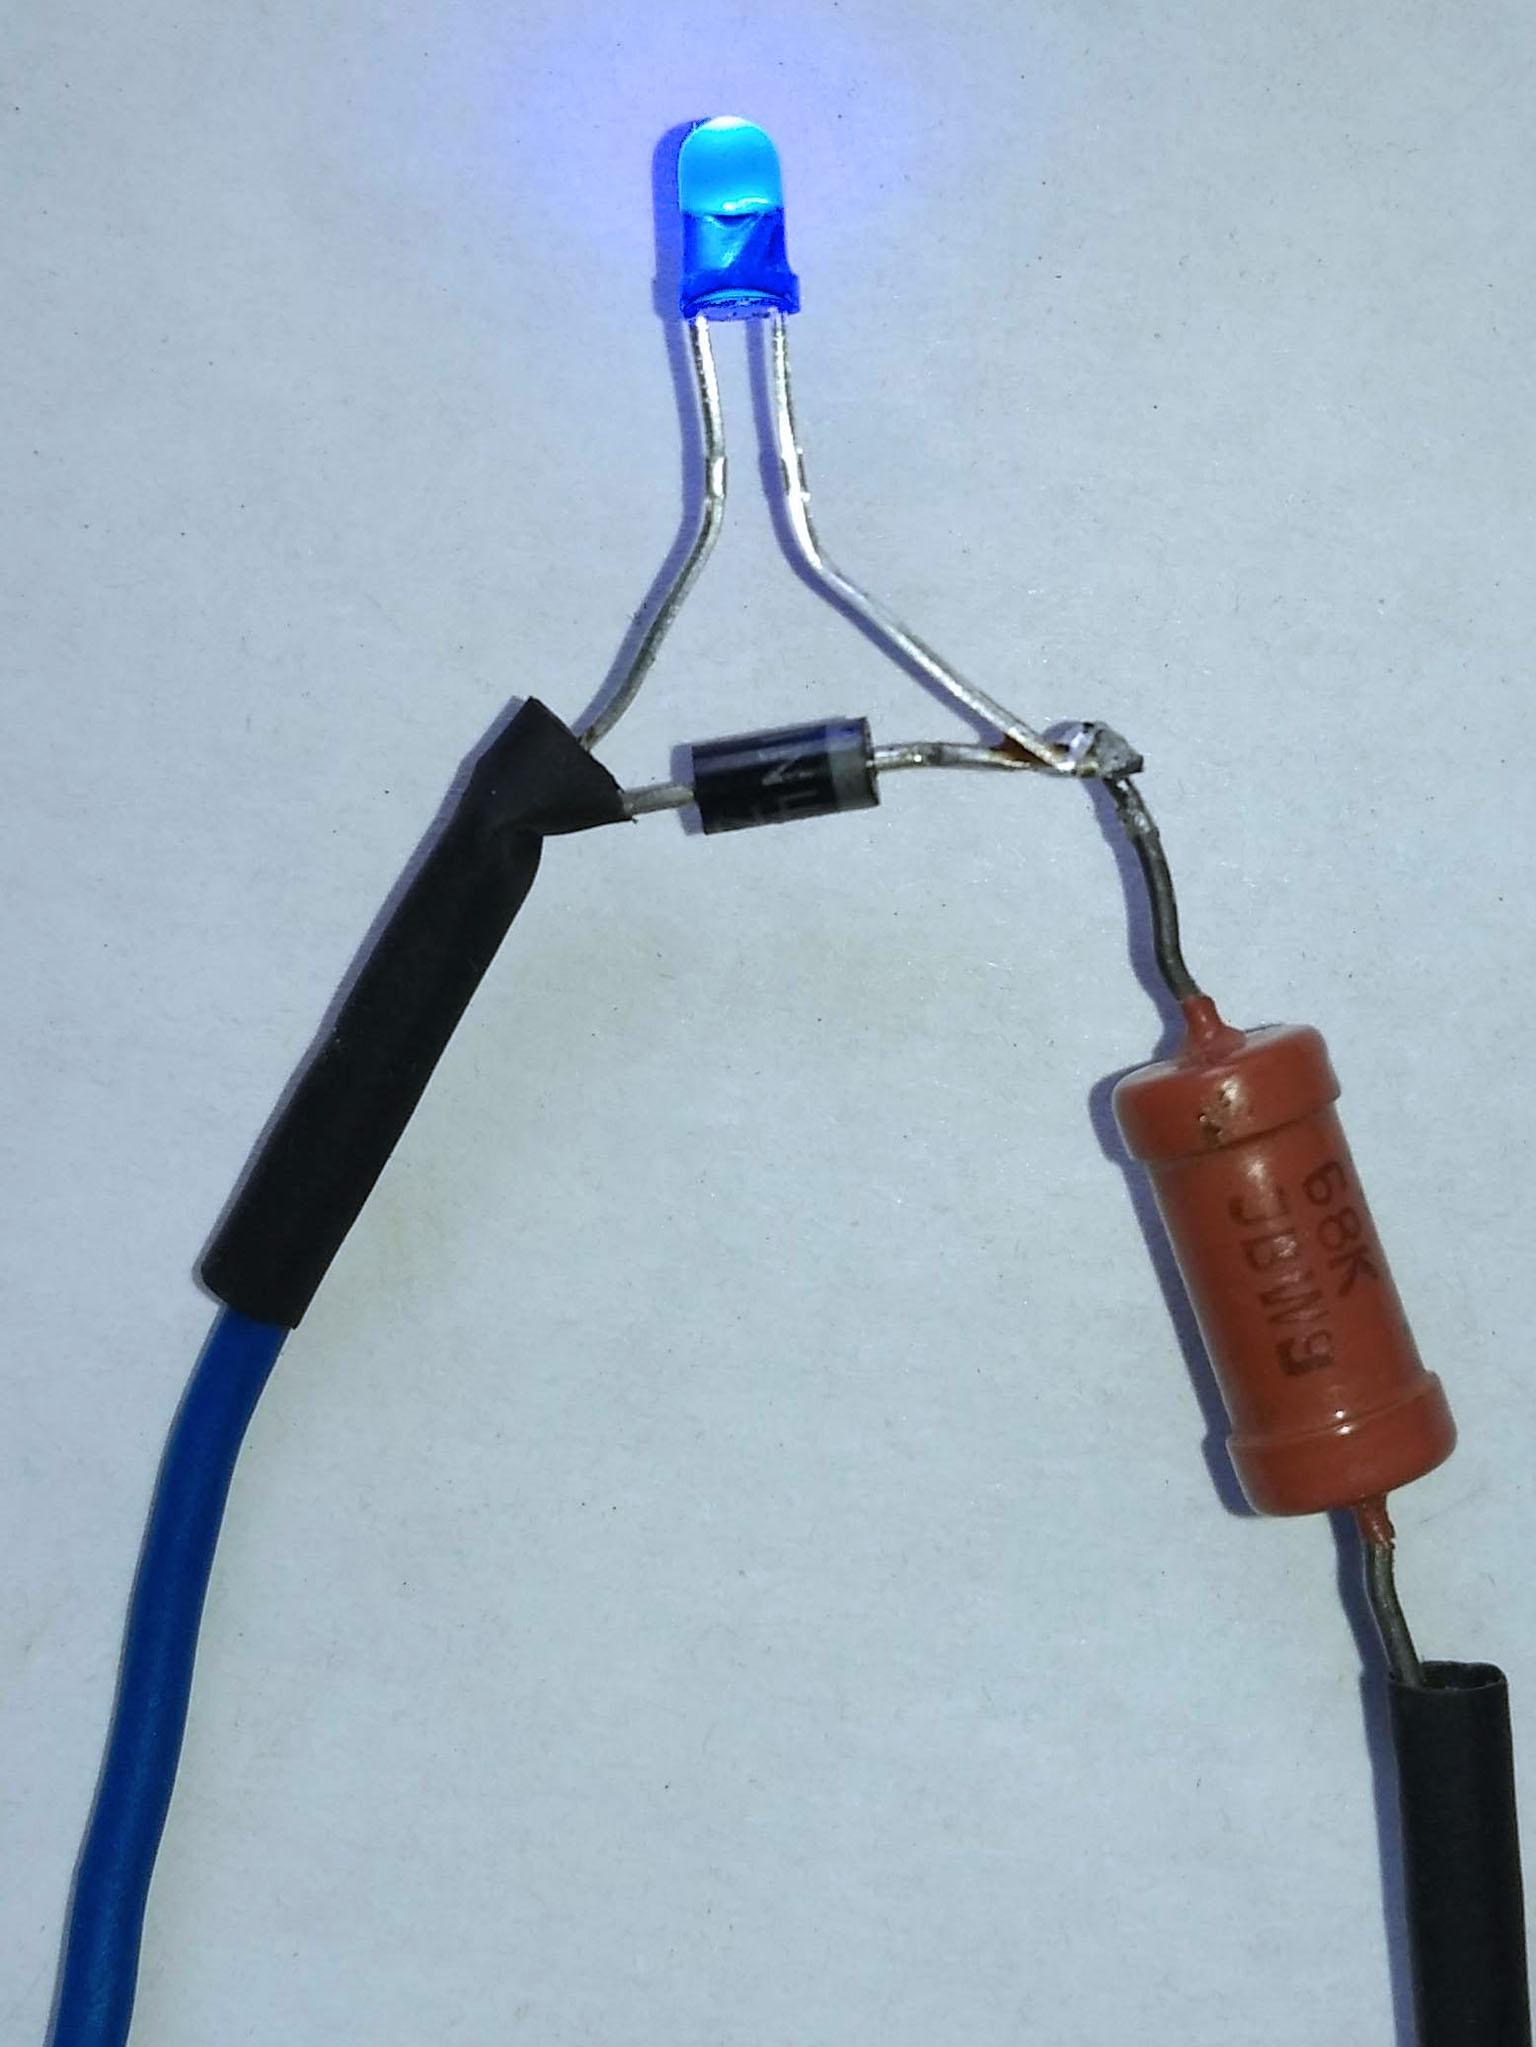 светодиод с резистором 68 кОм и включенным встречно – параллельно диодом